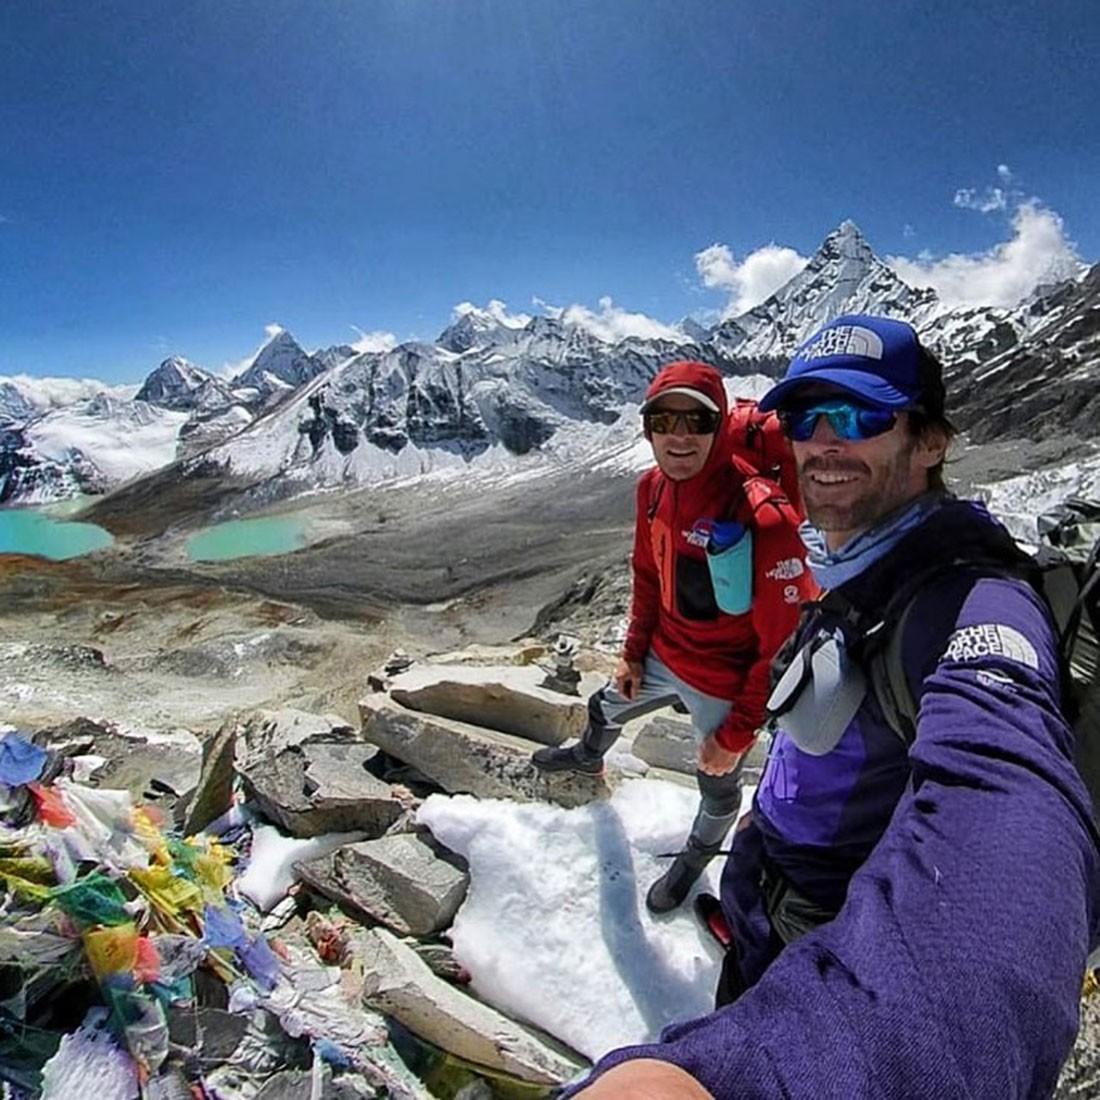 Barmasse, Göttler y Marín, aclimatando para el Chamlang. Foto: FB Barmasse